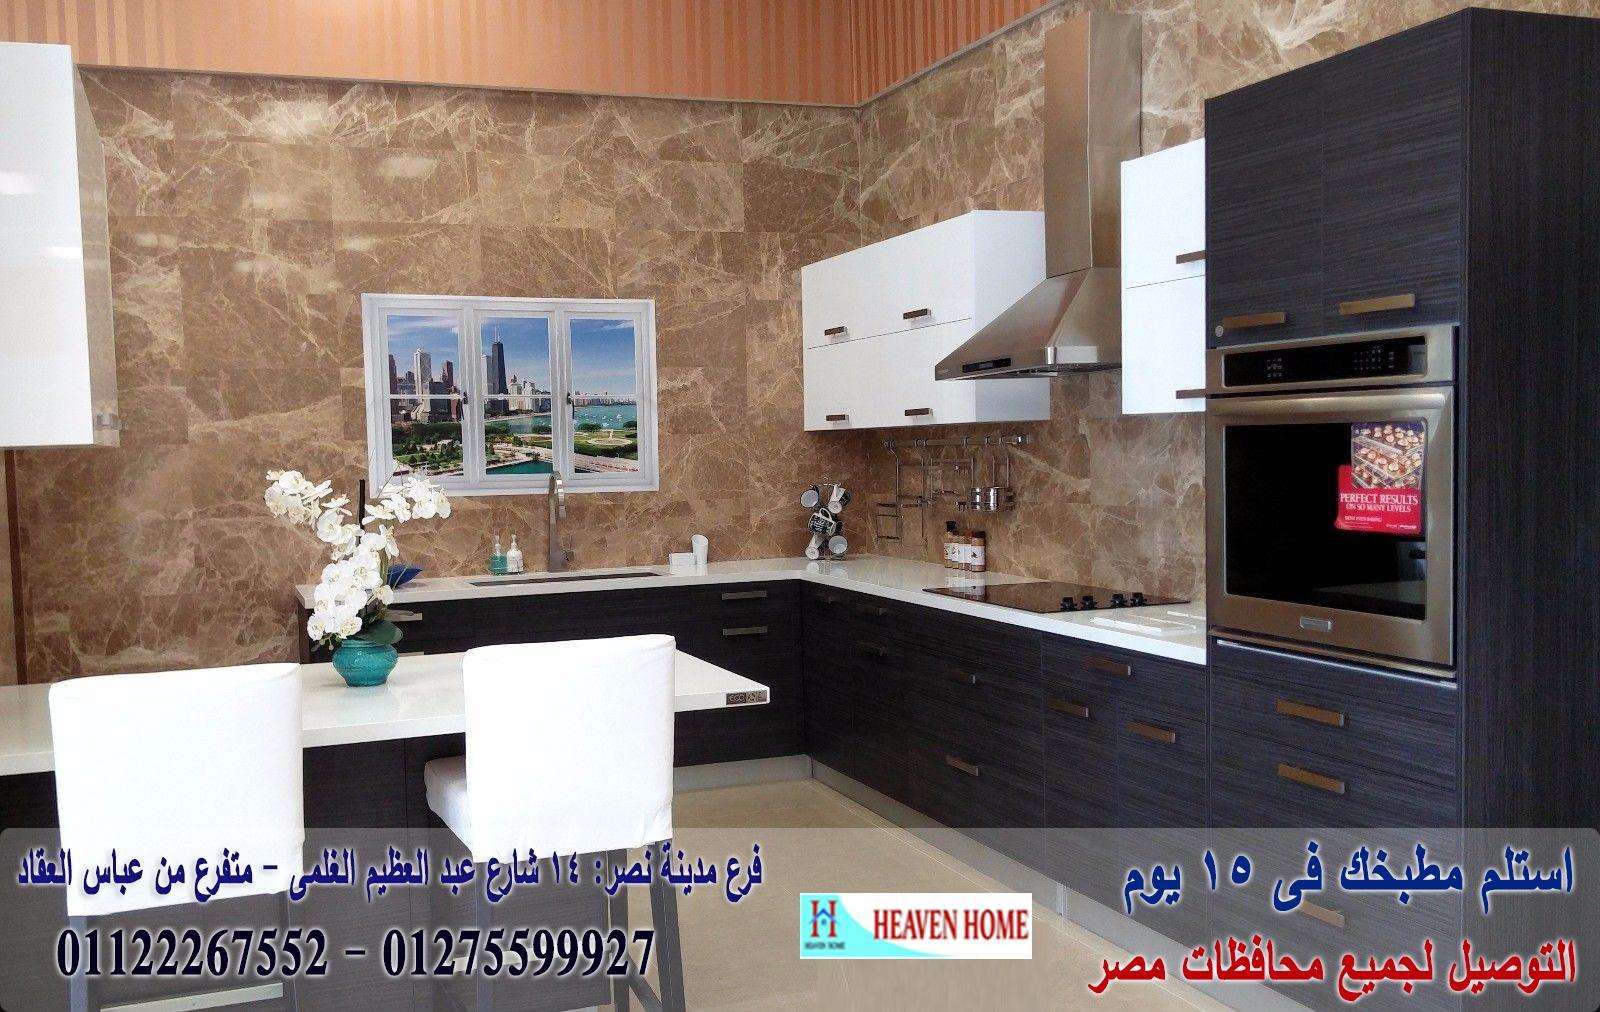 مطابخ خشب hpl/ استلم مطبخك فى 15 يوم    01122267552 243581180